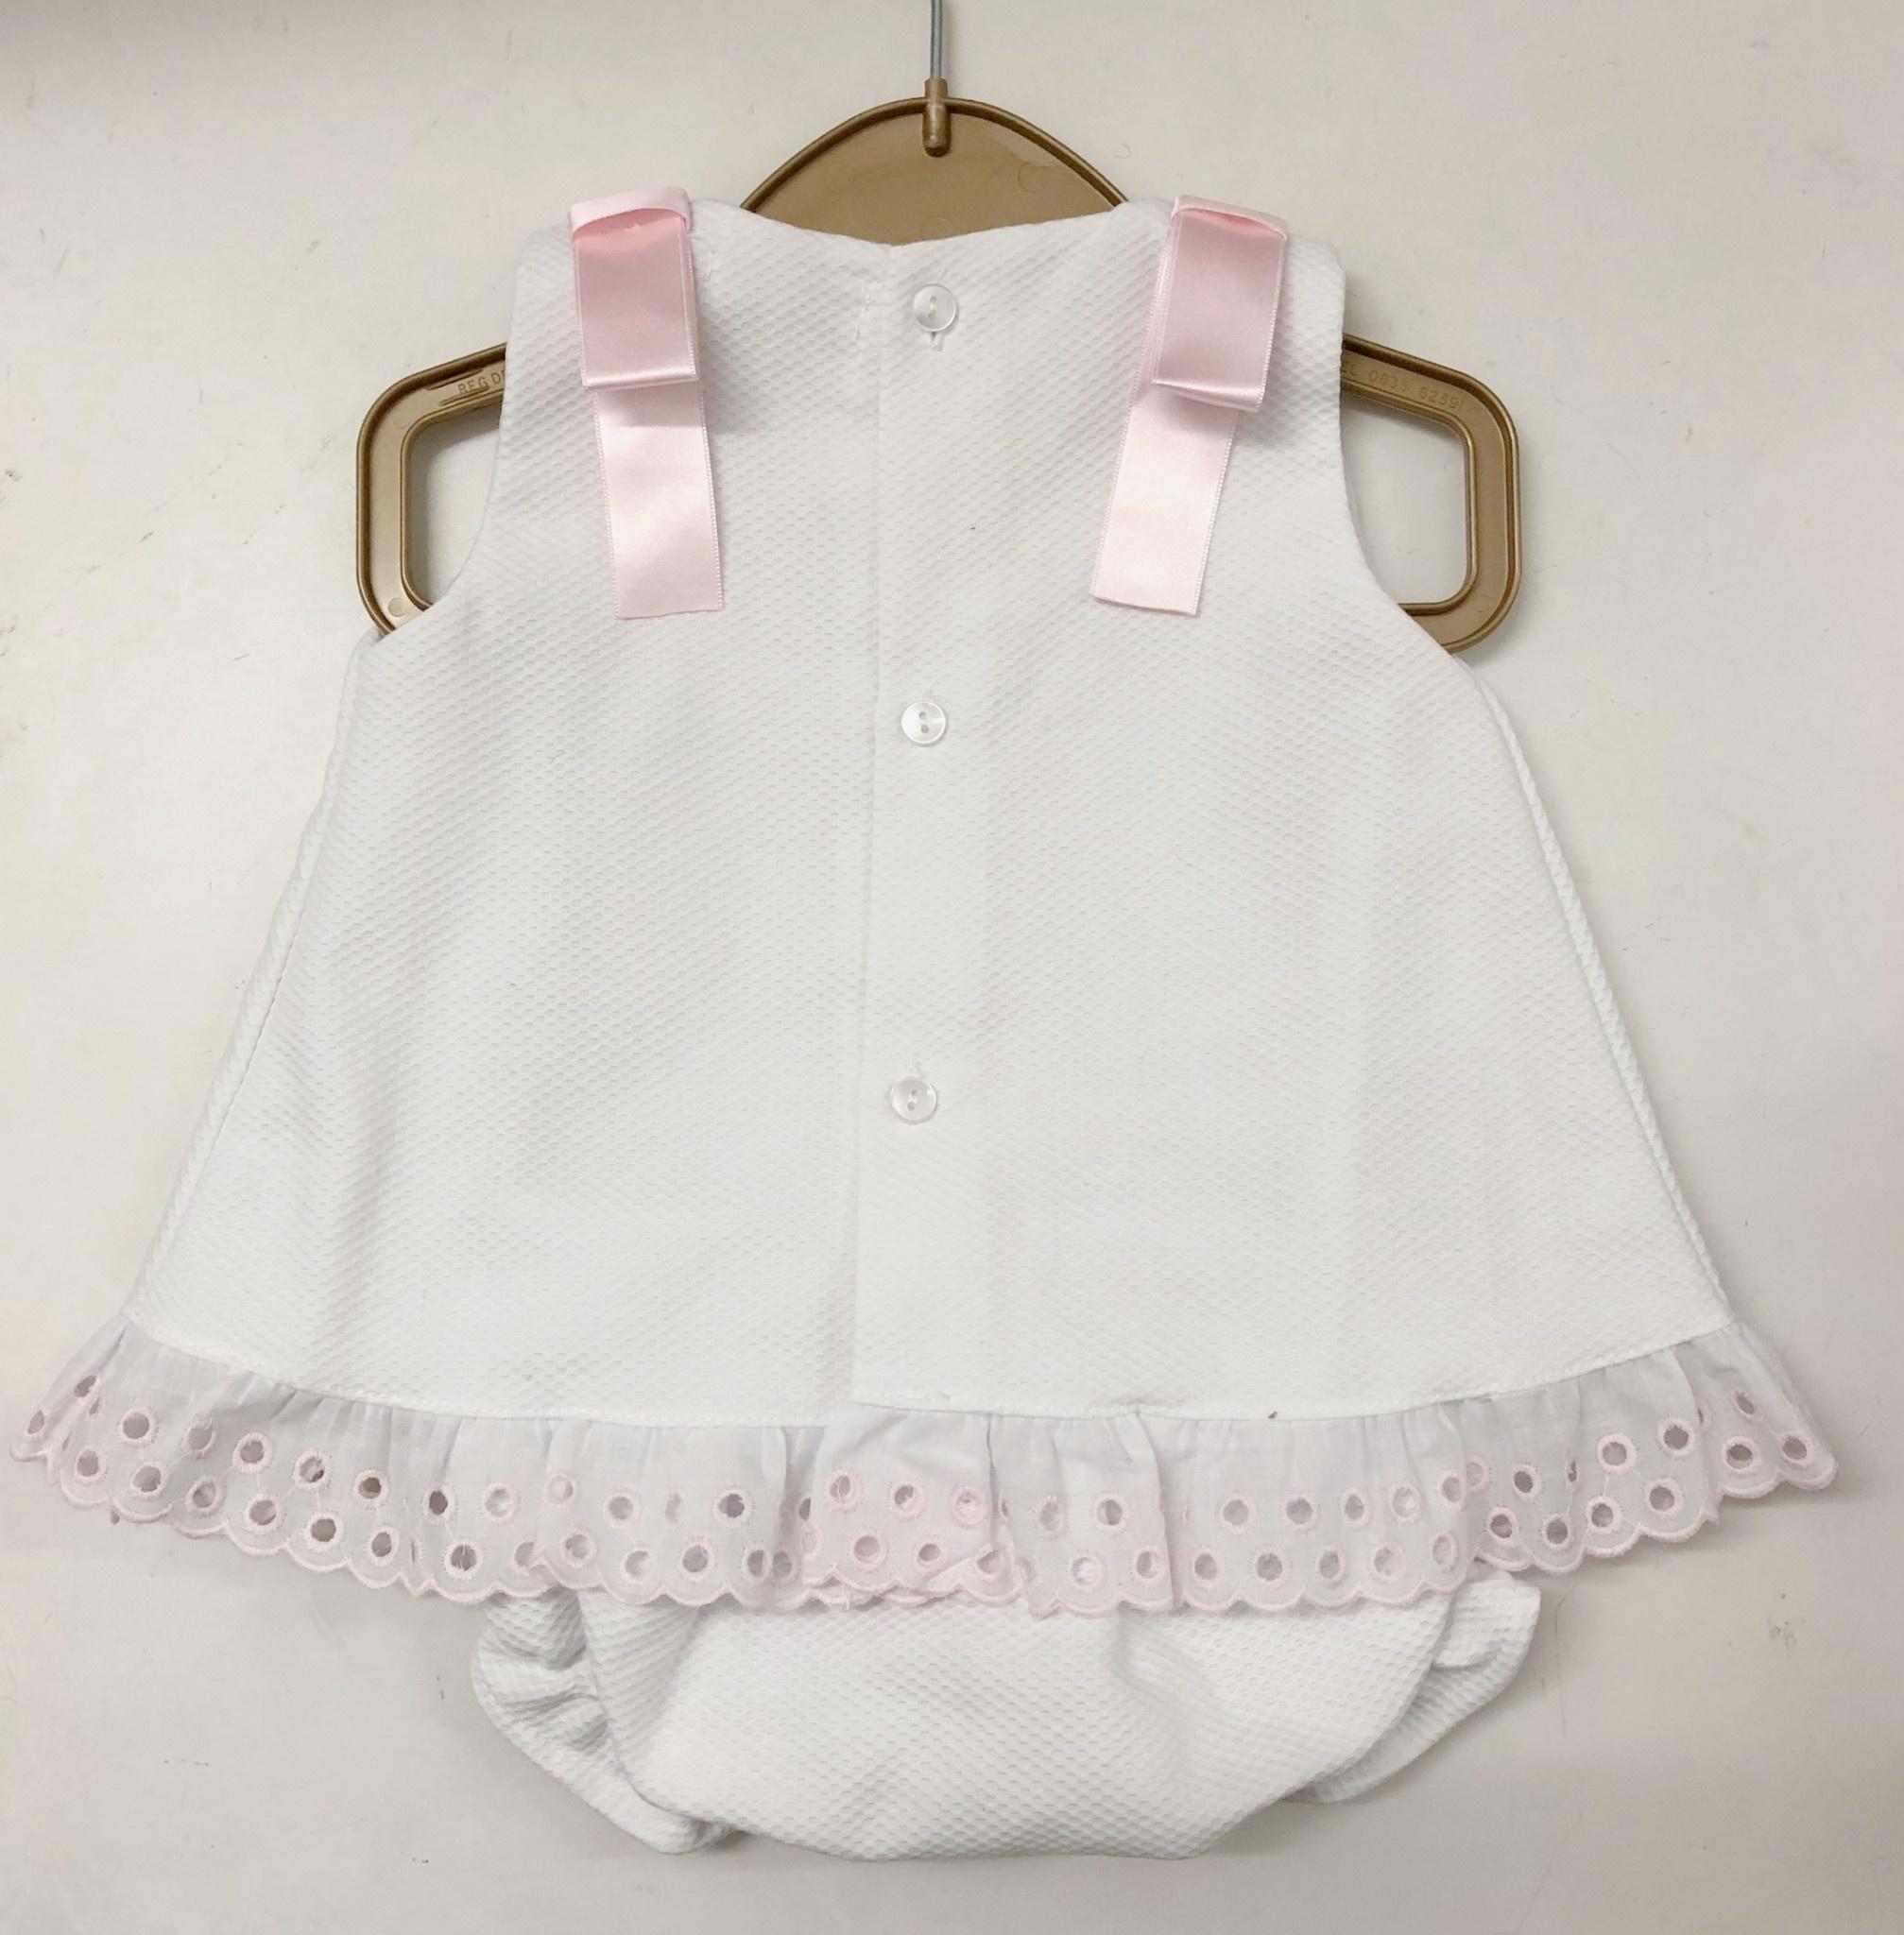 Mintini Mintini Baby MB2530 White Dress & Pant Set